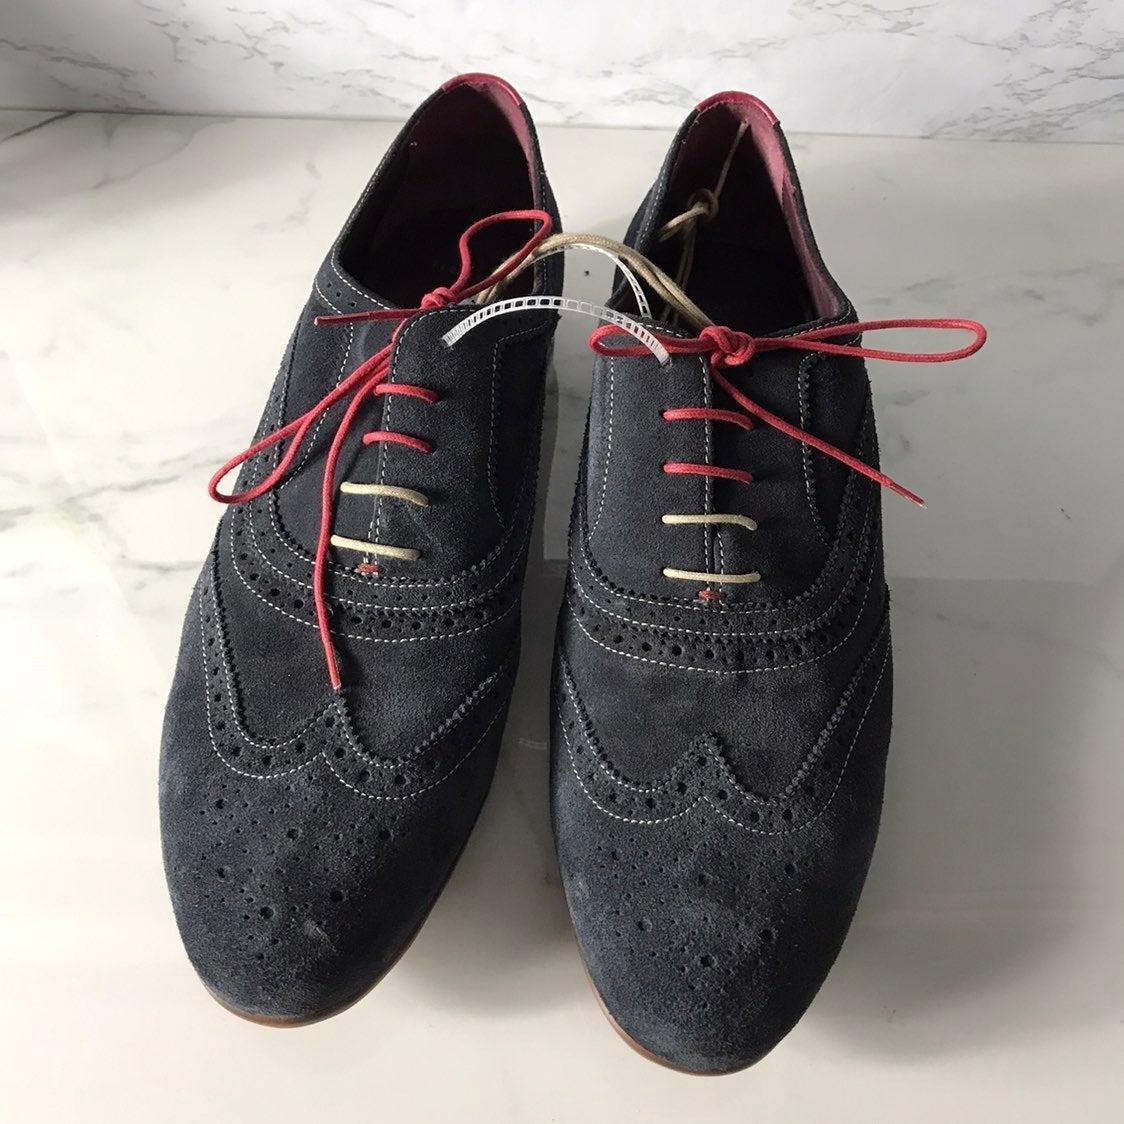 Ted baker  men 's shoes sz 13